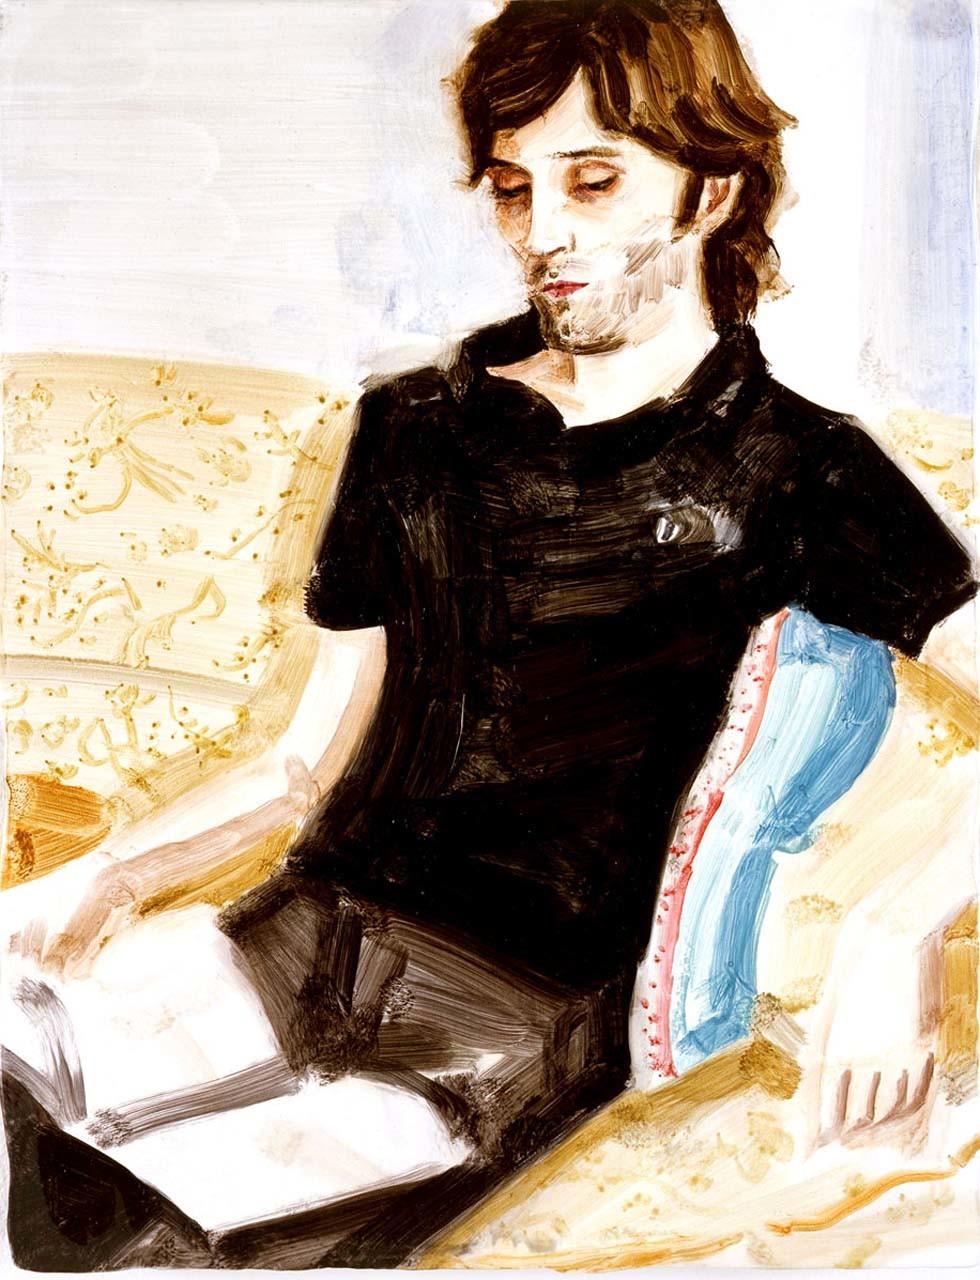 """<div class=""""artwork_caption""""><p>Angus (Angus Fairhurst), 2005</p></div>"""